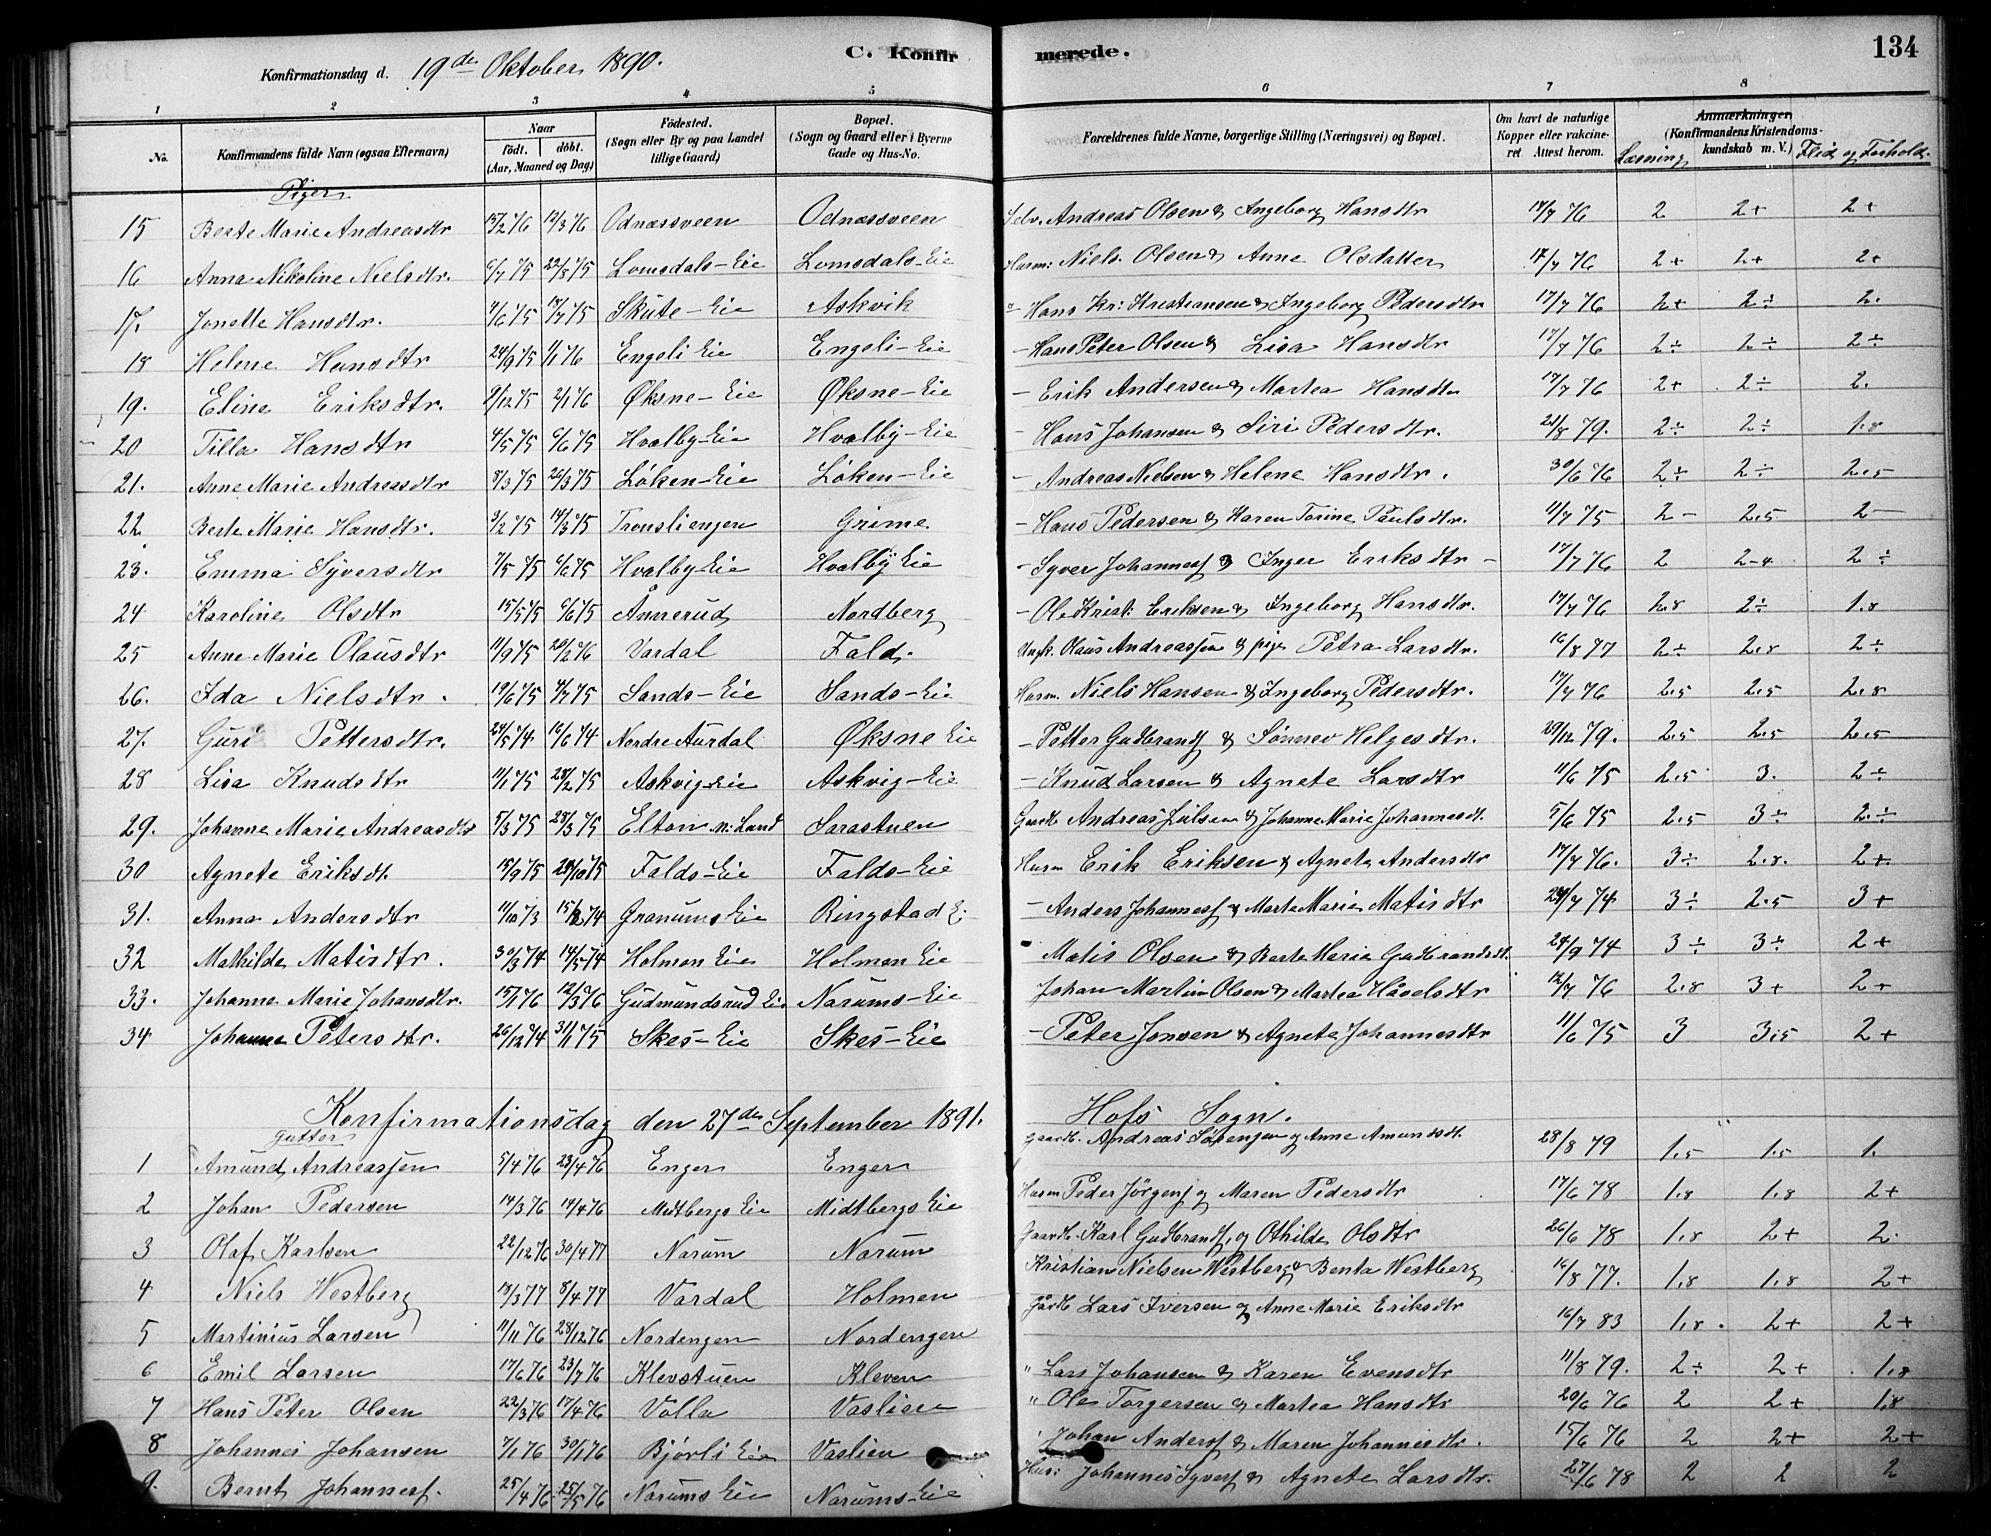 SAH, Søndre Land prestekontor, K/L0003: Ministerialbok nr. 3, 1878-1894, s. 134